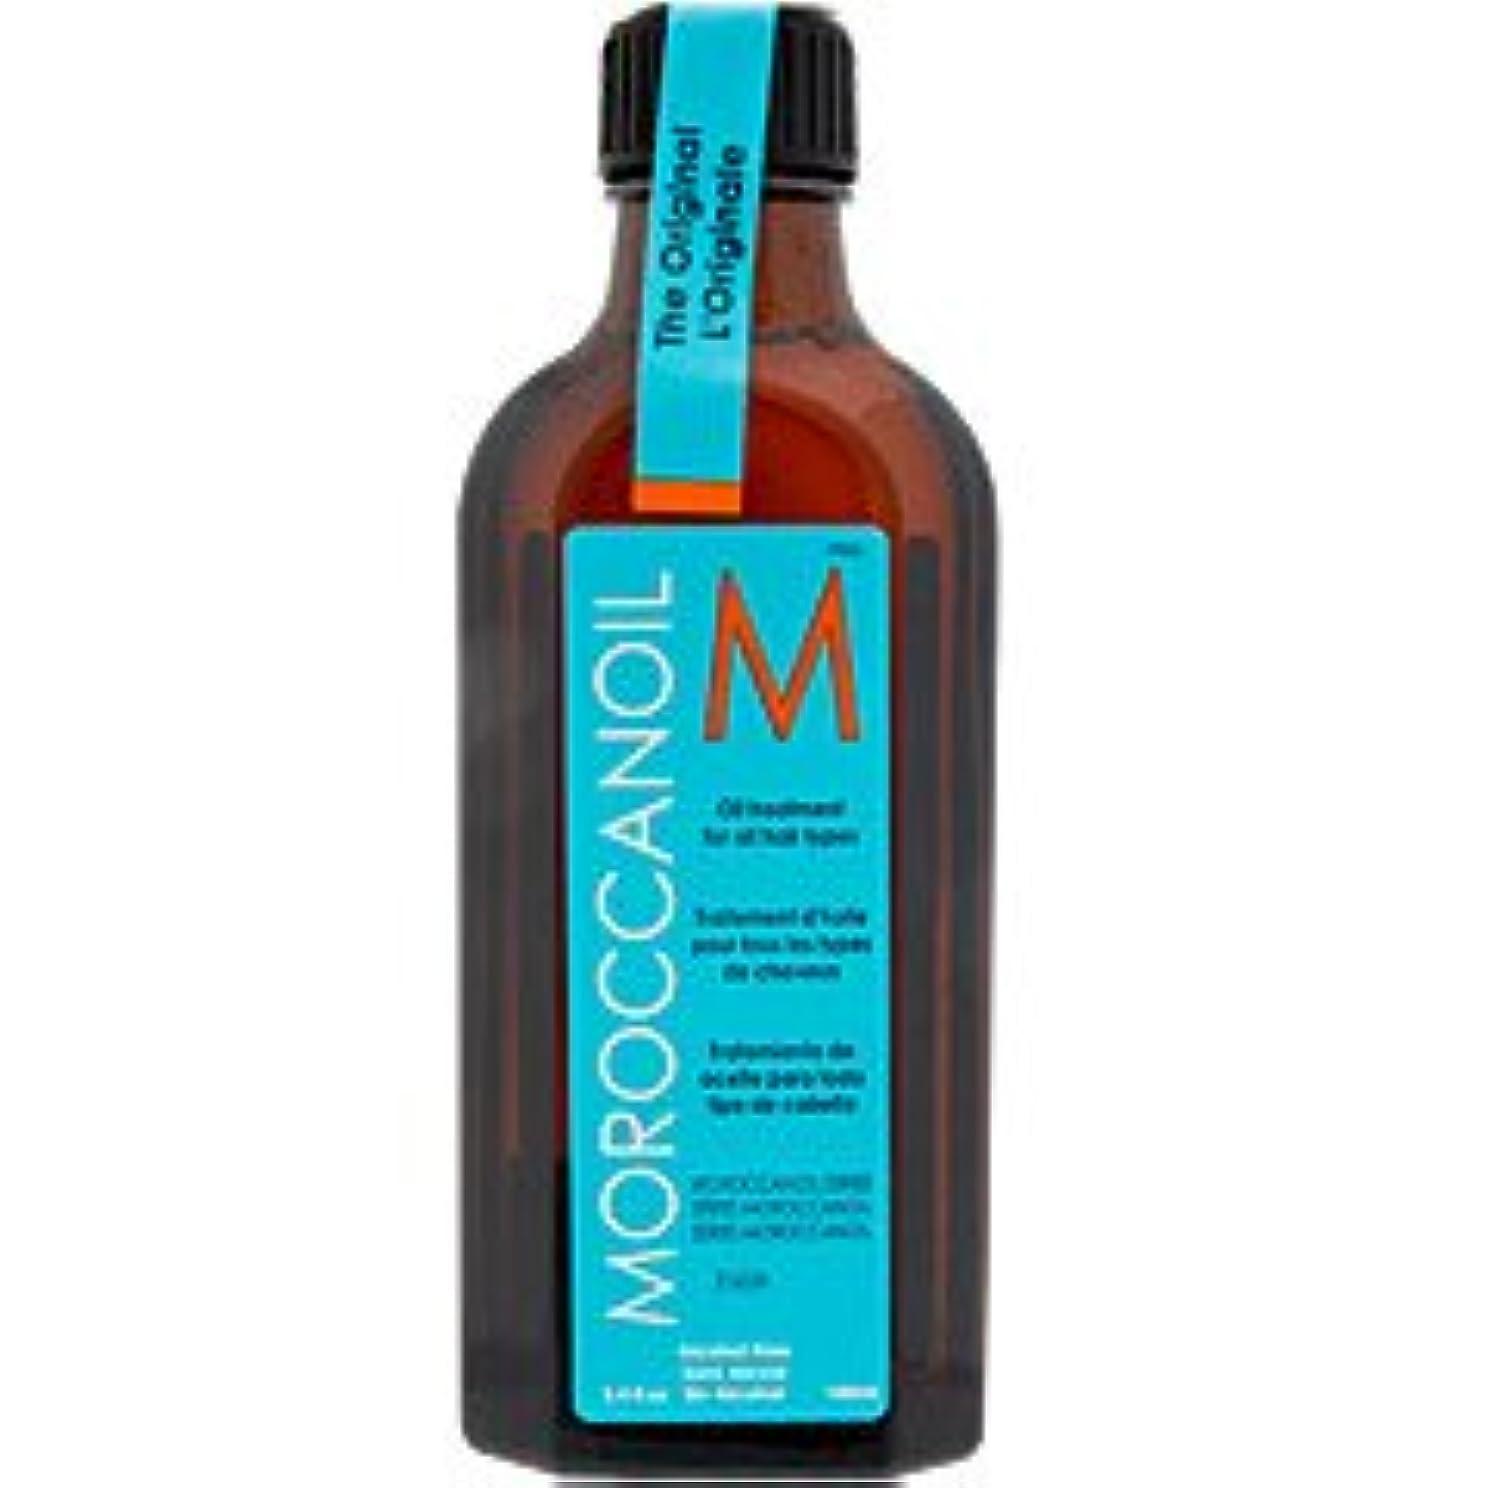 楽しむ保守的頻繁にモロッカンオイル(MOROCCANOIL) モロッカンオイル オイルトリートメント 100ml [海外直送品][並行輸入品]